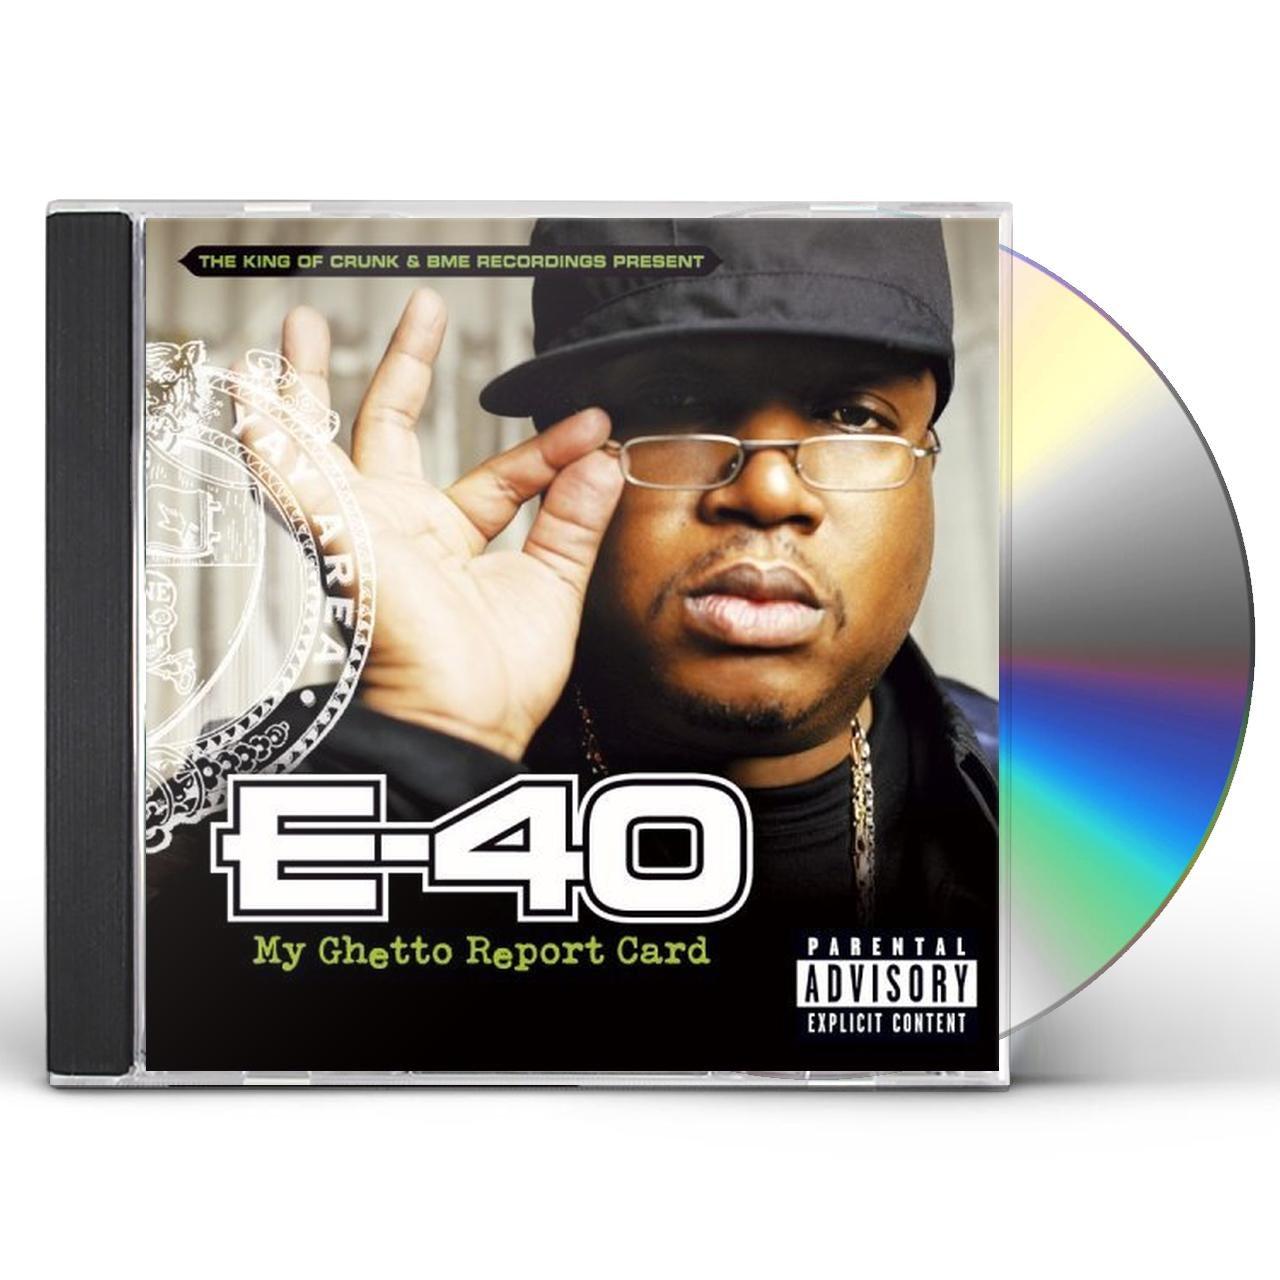 E 40 My Ghetto Report Card Cd